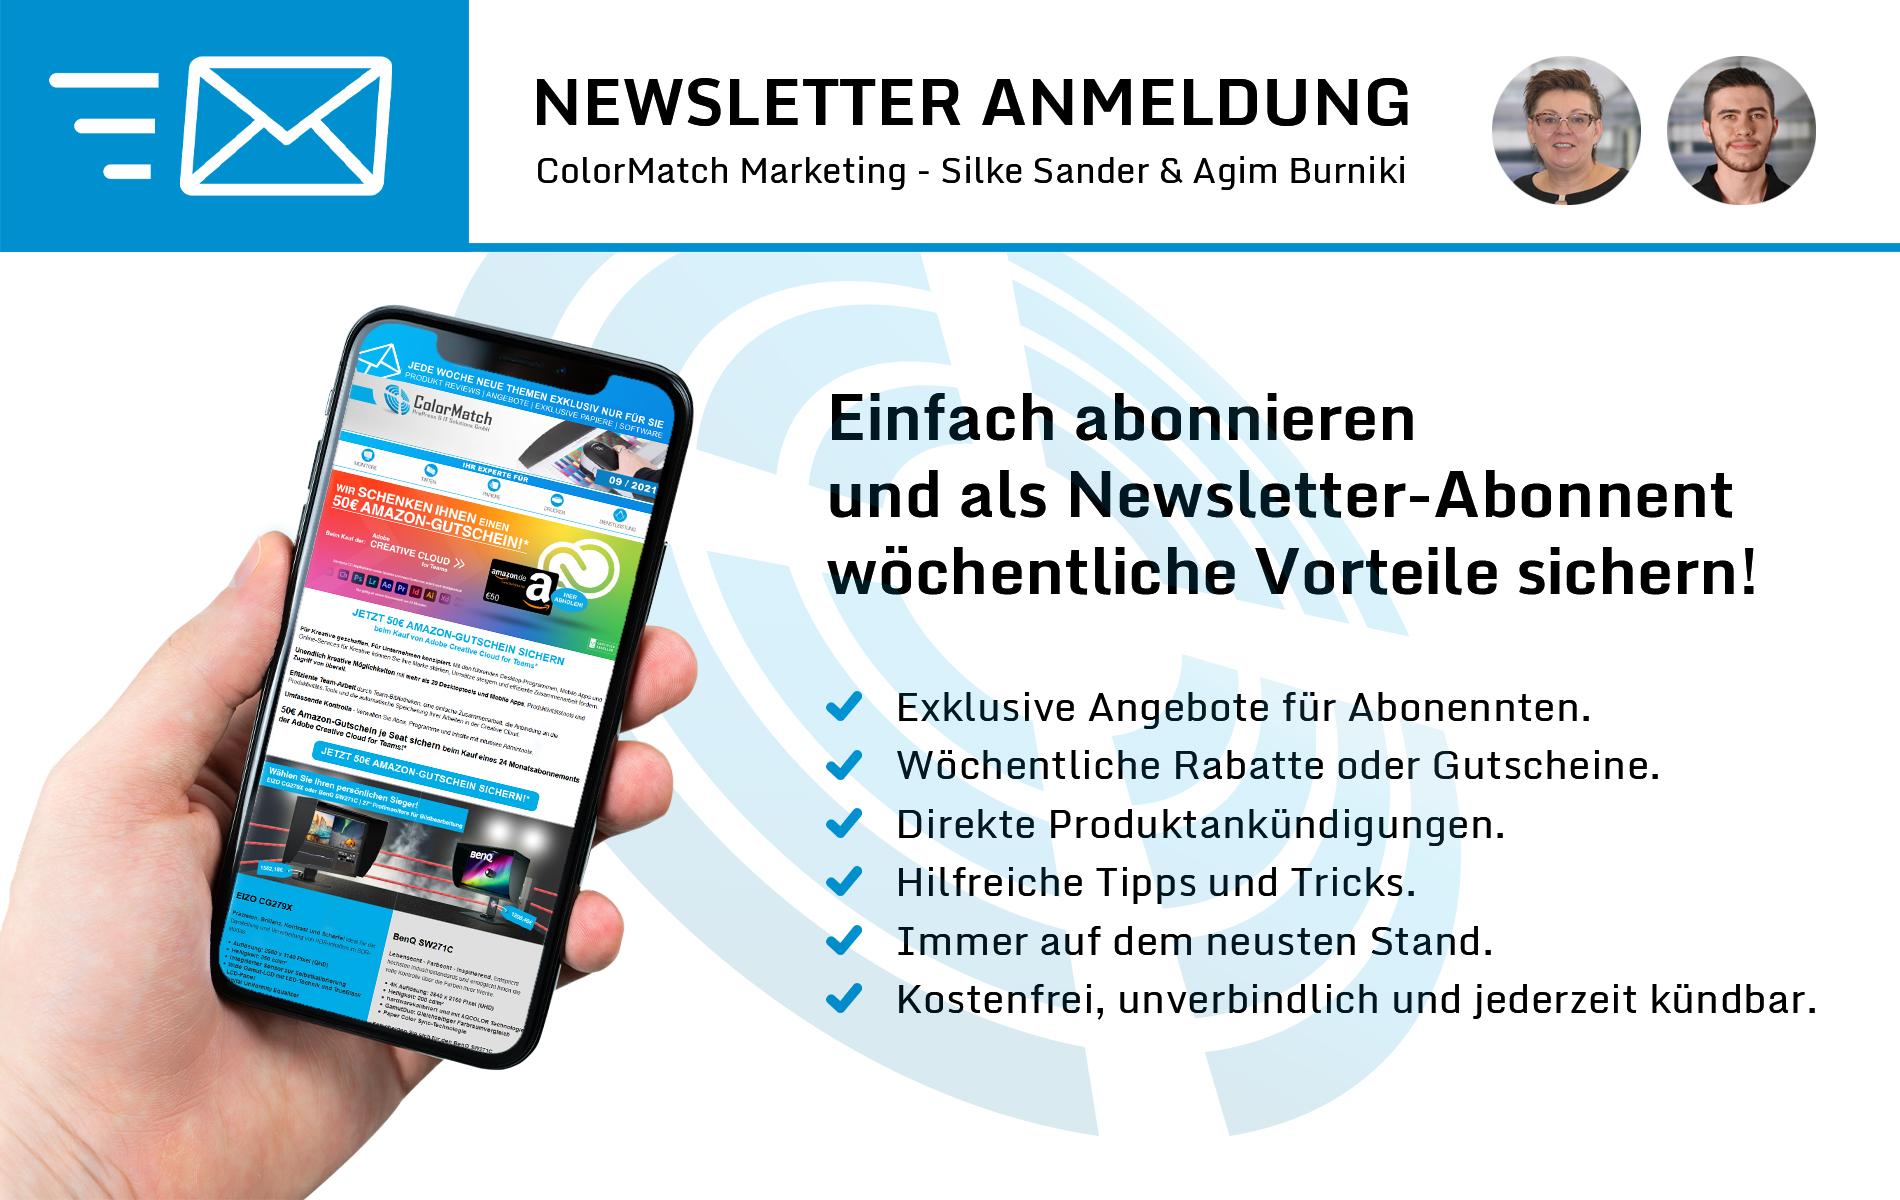 Einfach abonnieren und als Newsletter-Abonnent wöchentliche Vorteile sichern!